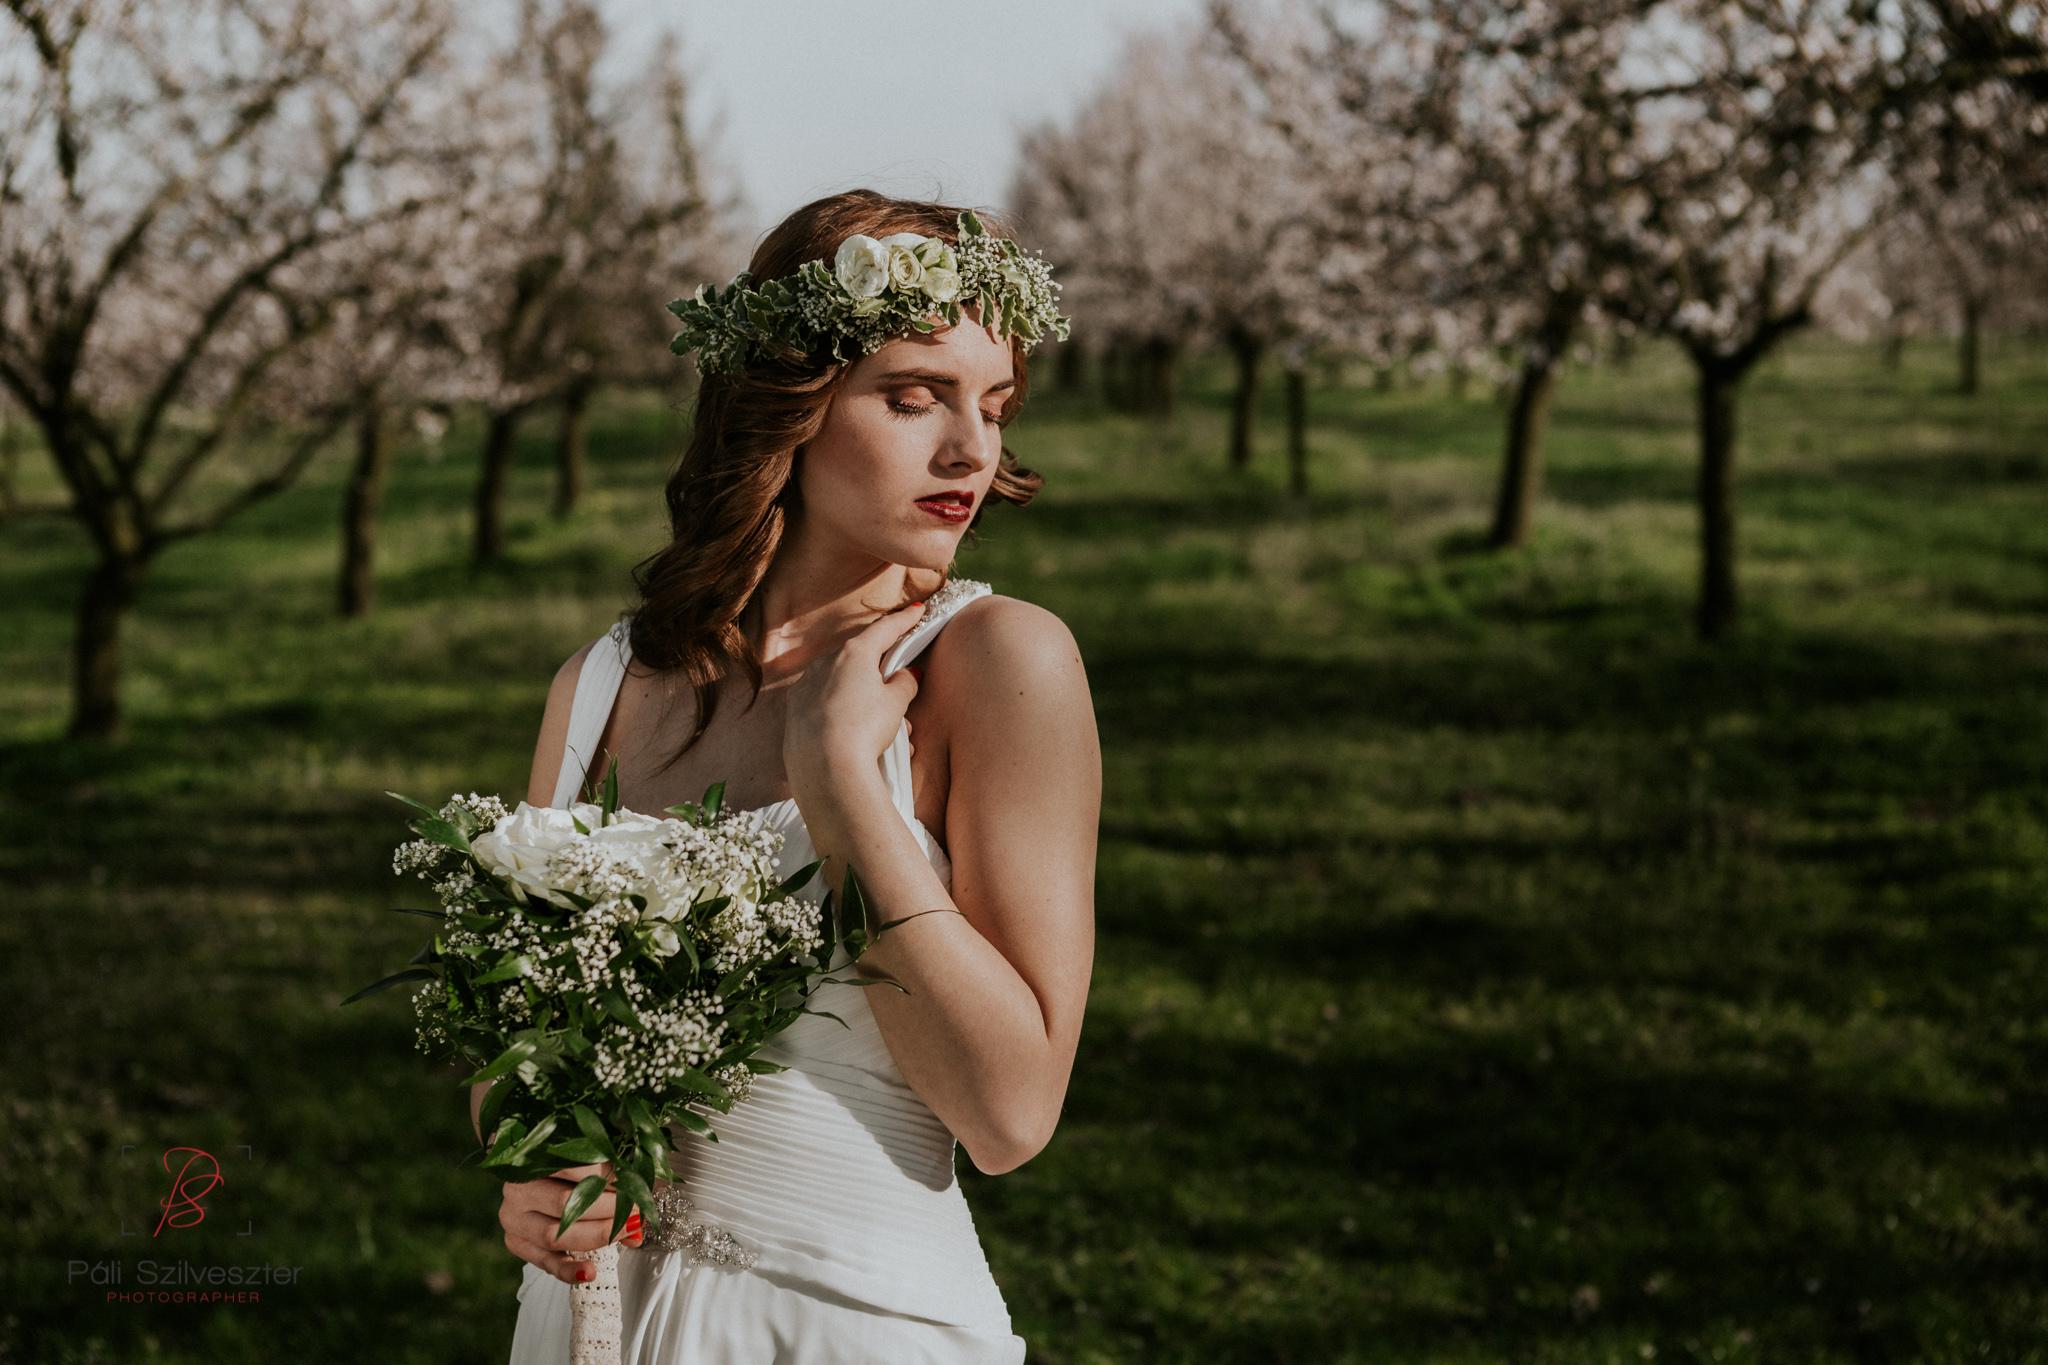 Páli-Szilveszter-székesfehérvári-esküvői-fotós-velence-barackos-2016-03-31-2279-3.jpg